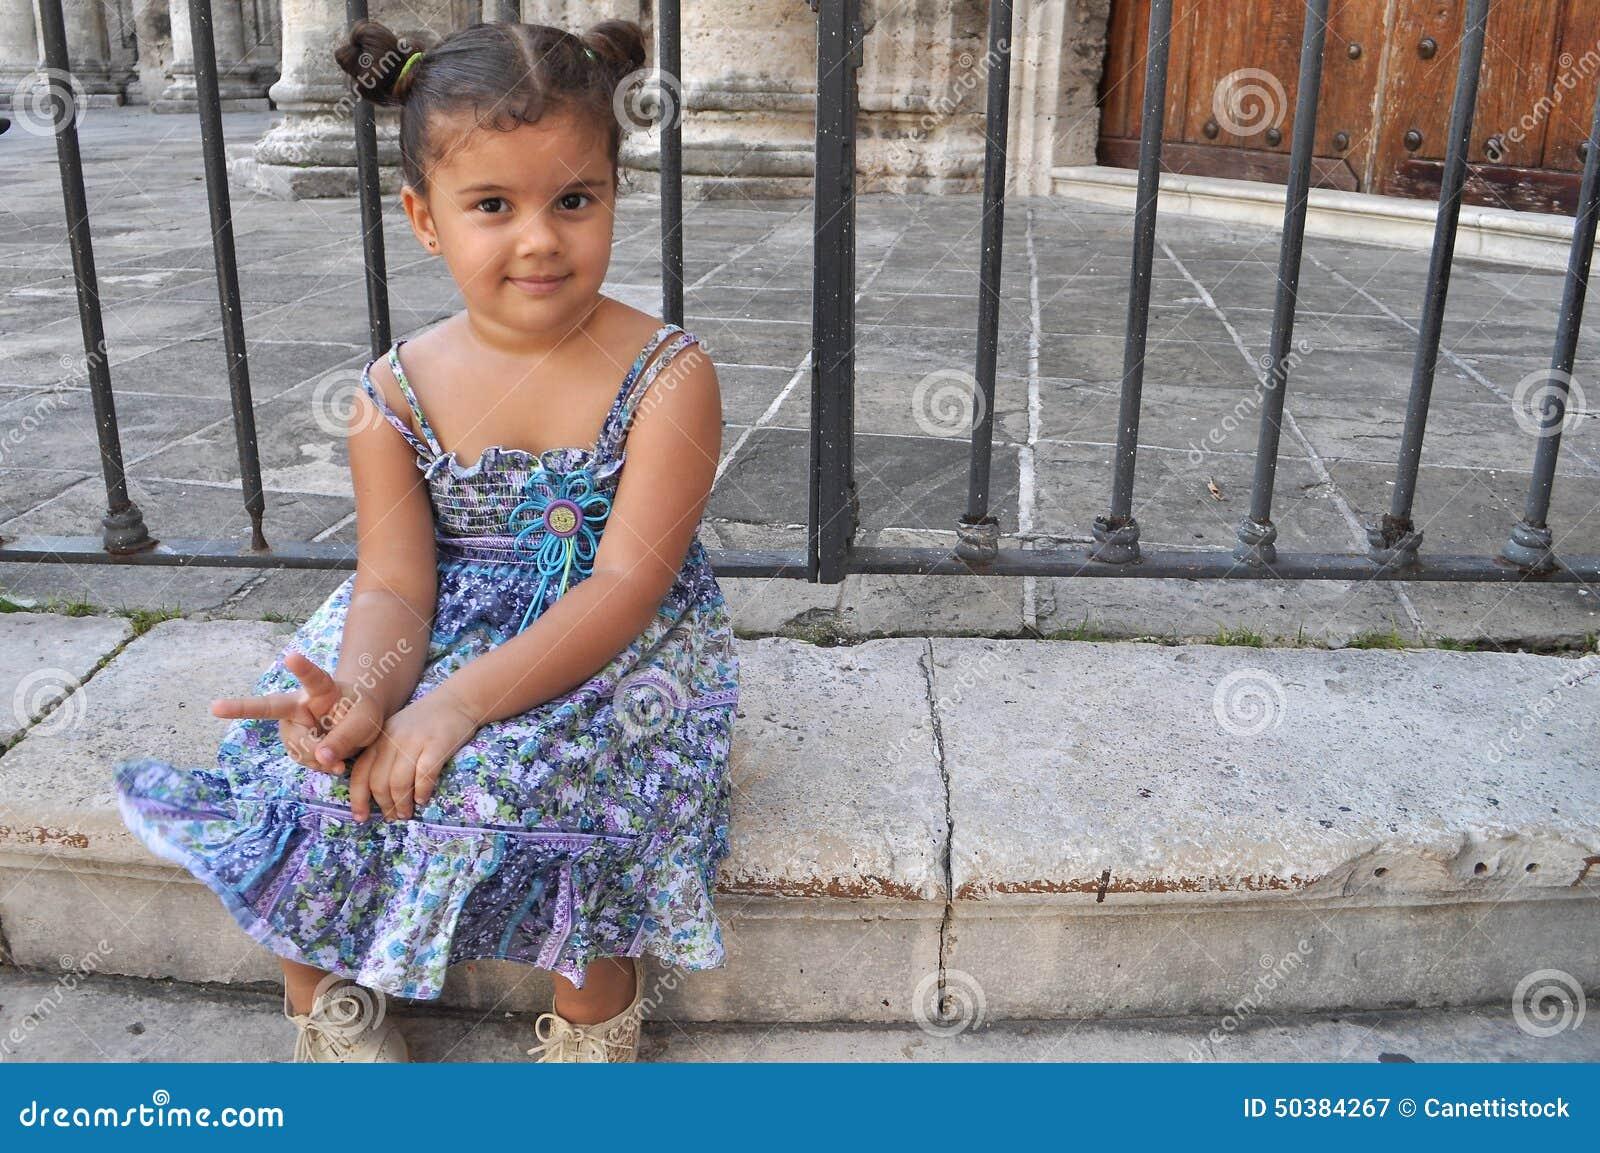 Cubaans Meisje